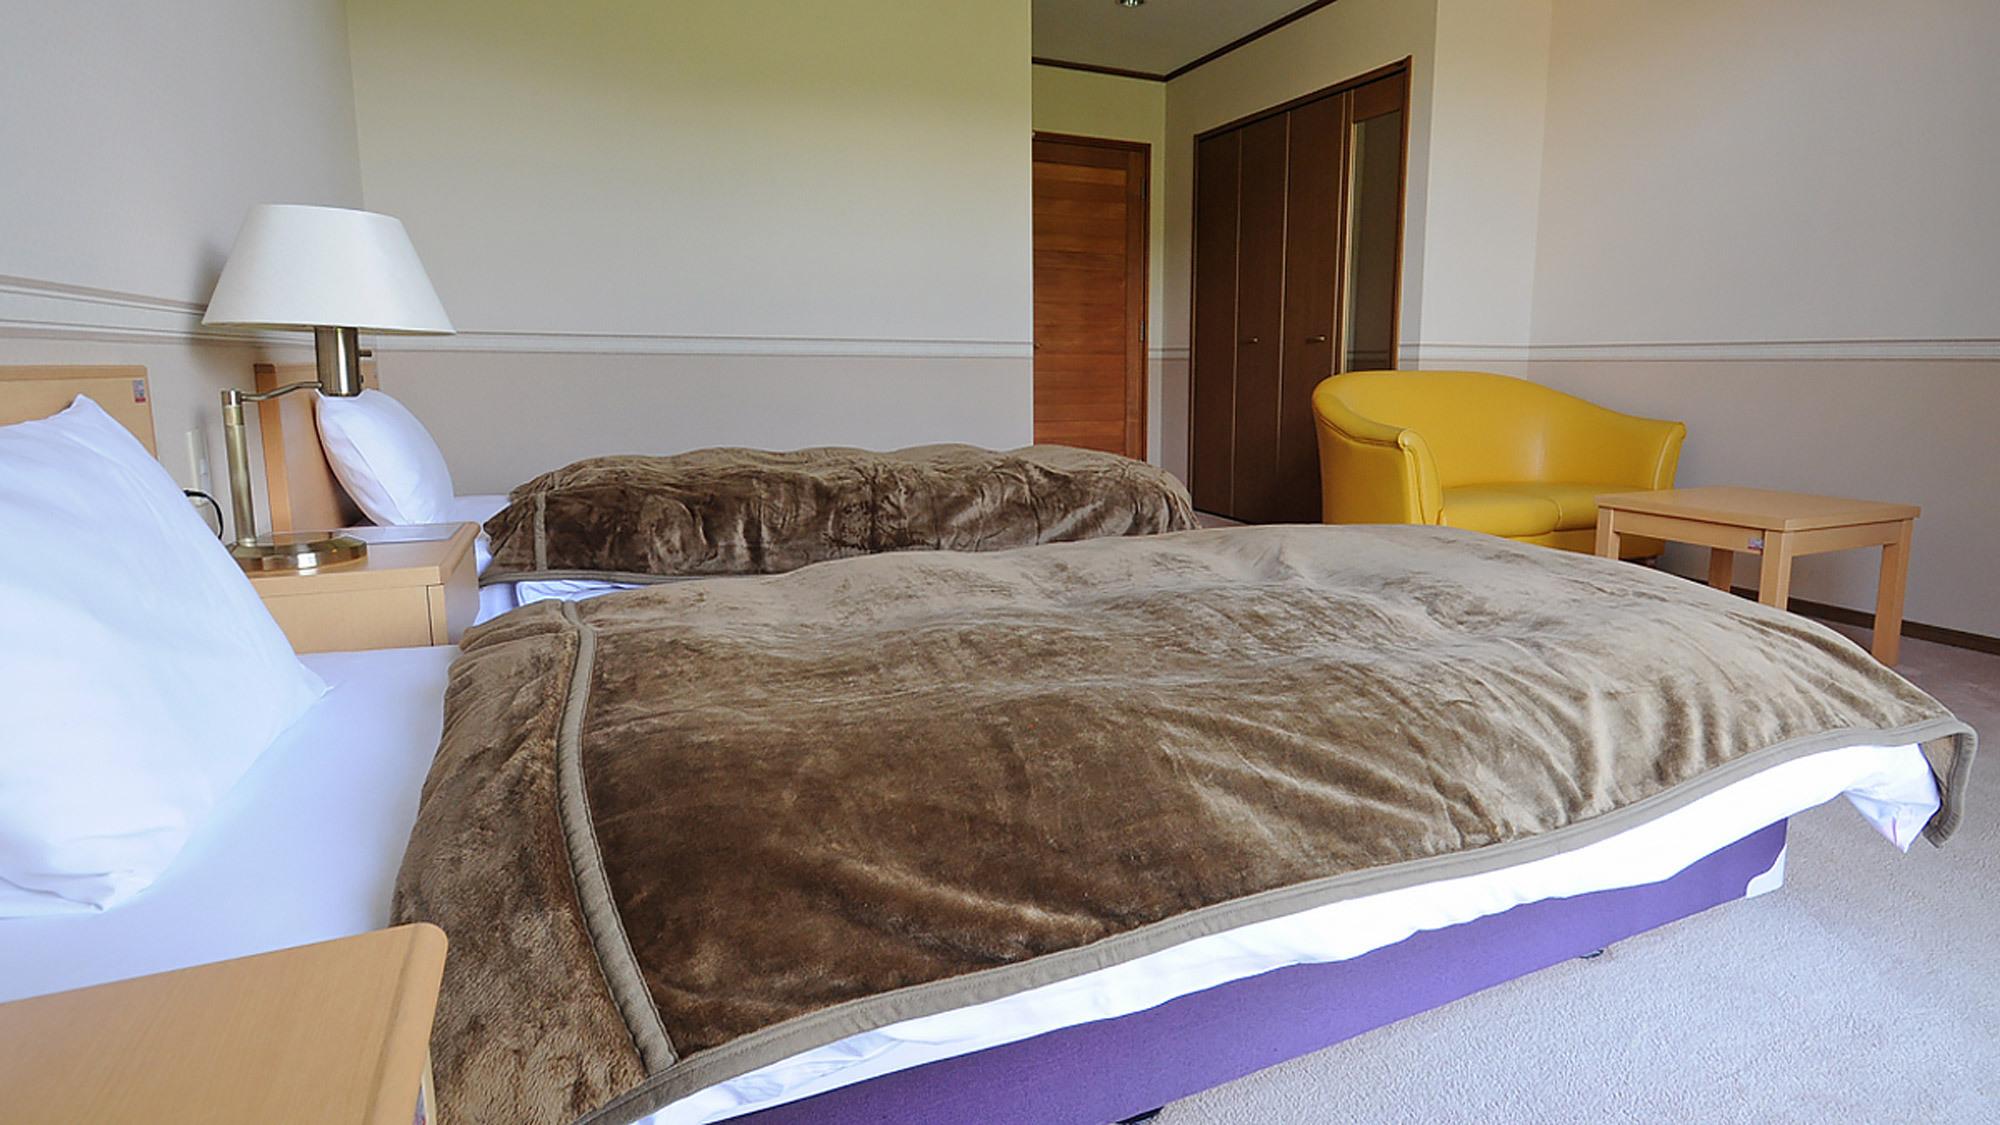 【客室の一例】ゆったり広々としたスペースがある洋室(お部屋により造りは異なります。)